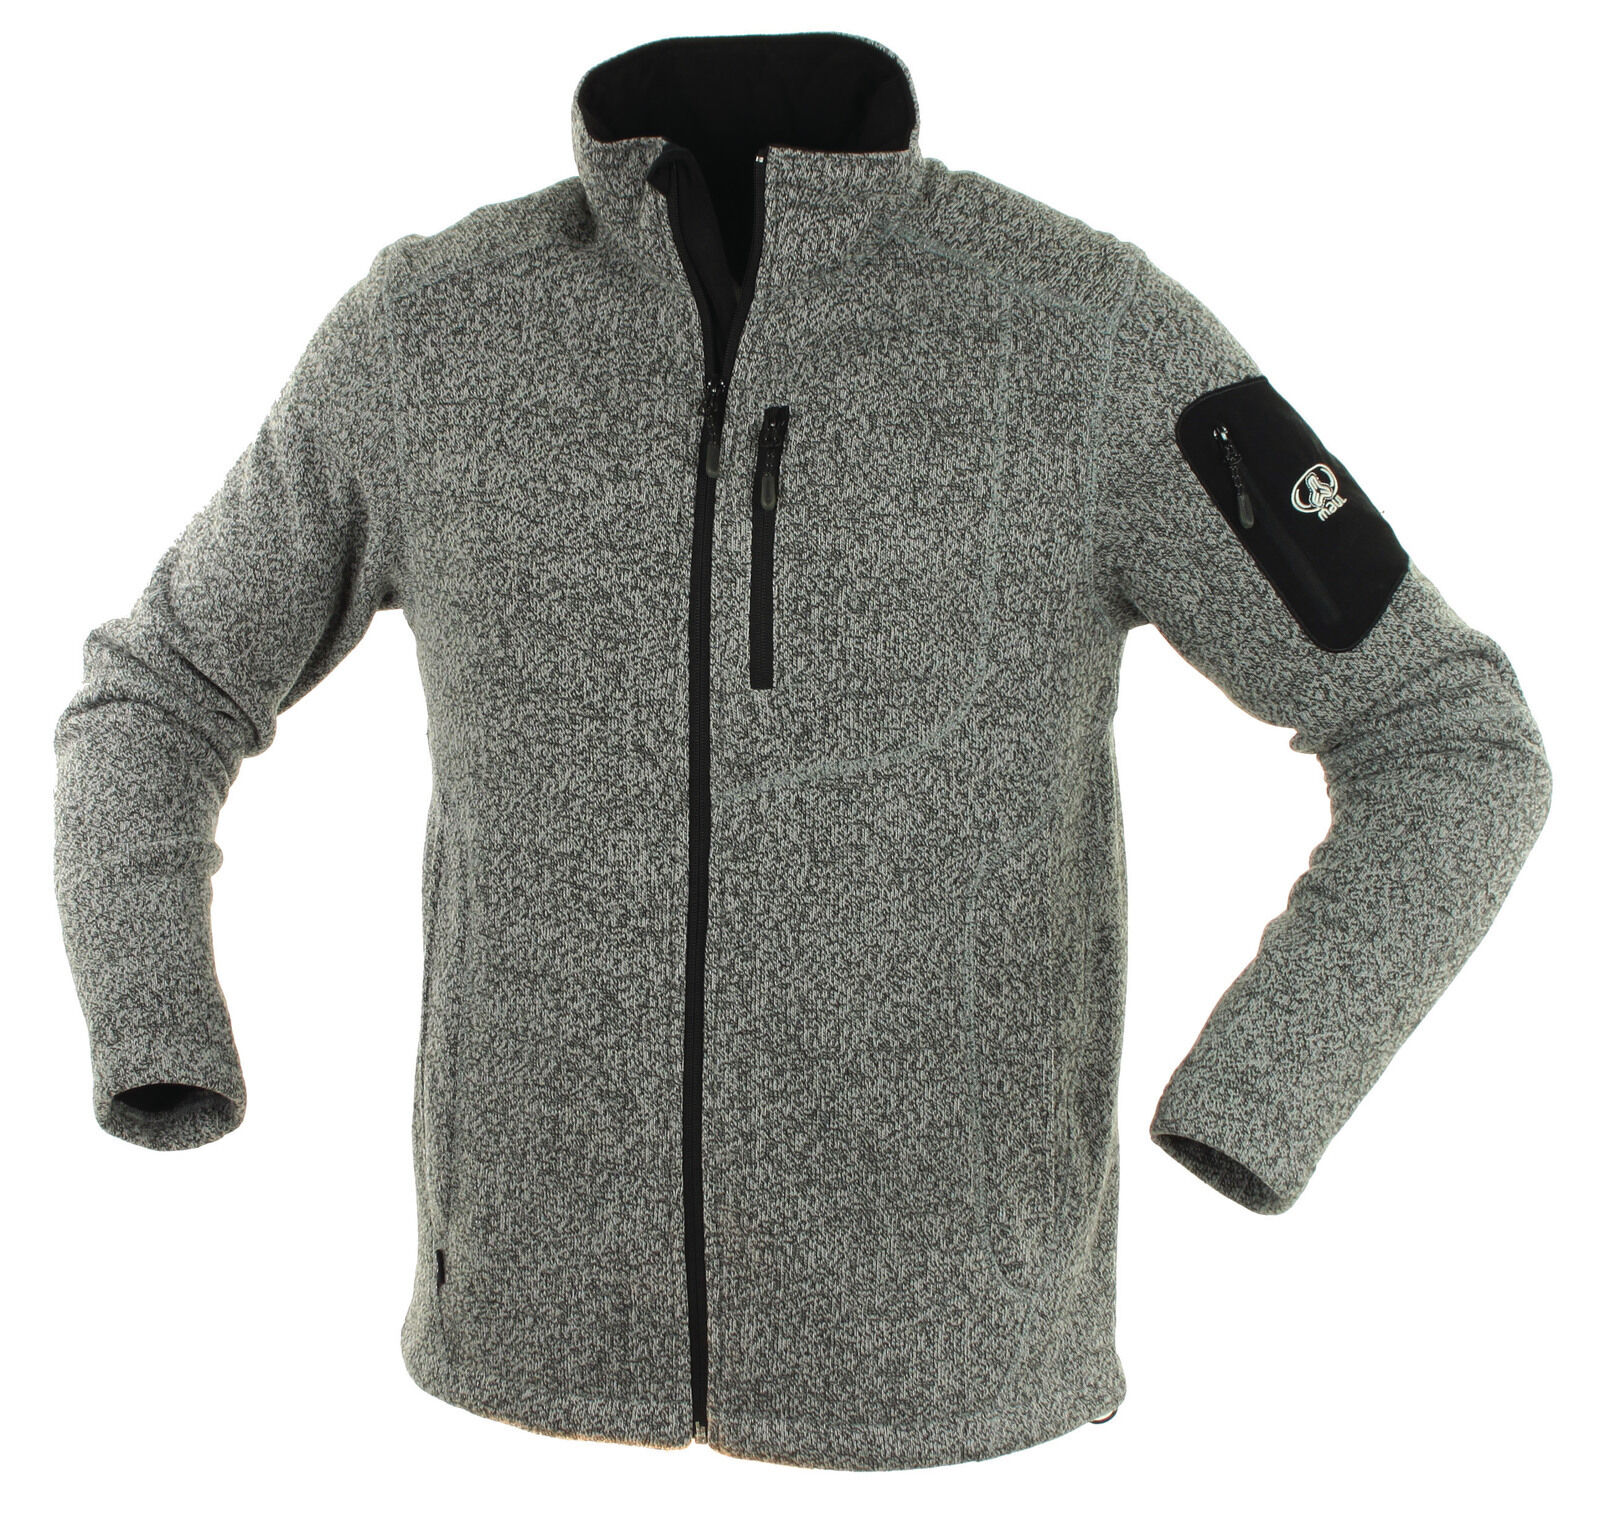 Boca Isny señores soga Fleece chaqueta sobre tamaño hasta xxxxxl cálido viento densamente aaividad